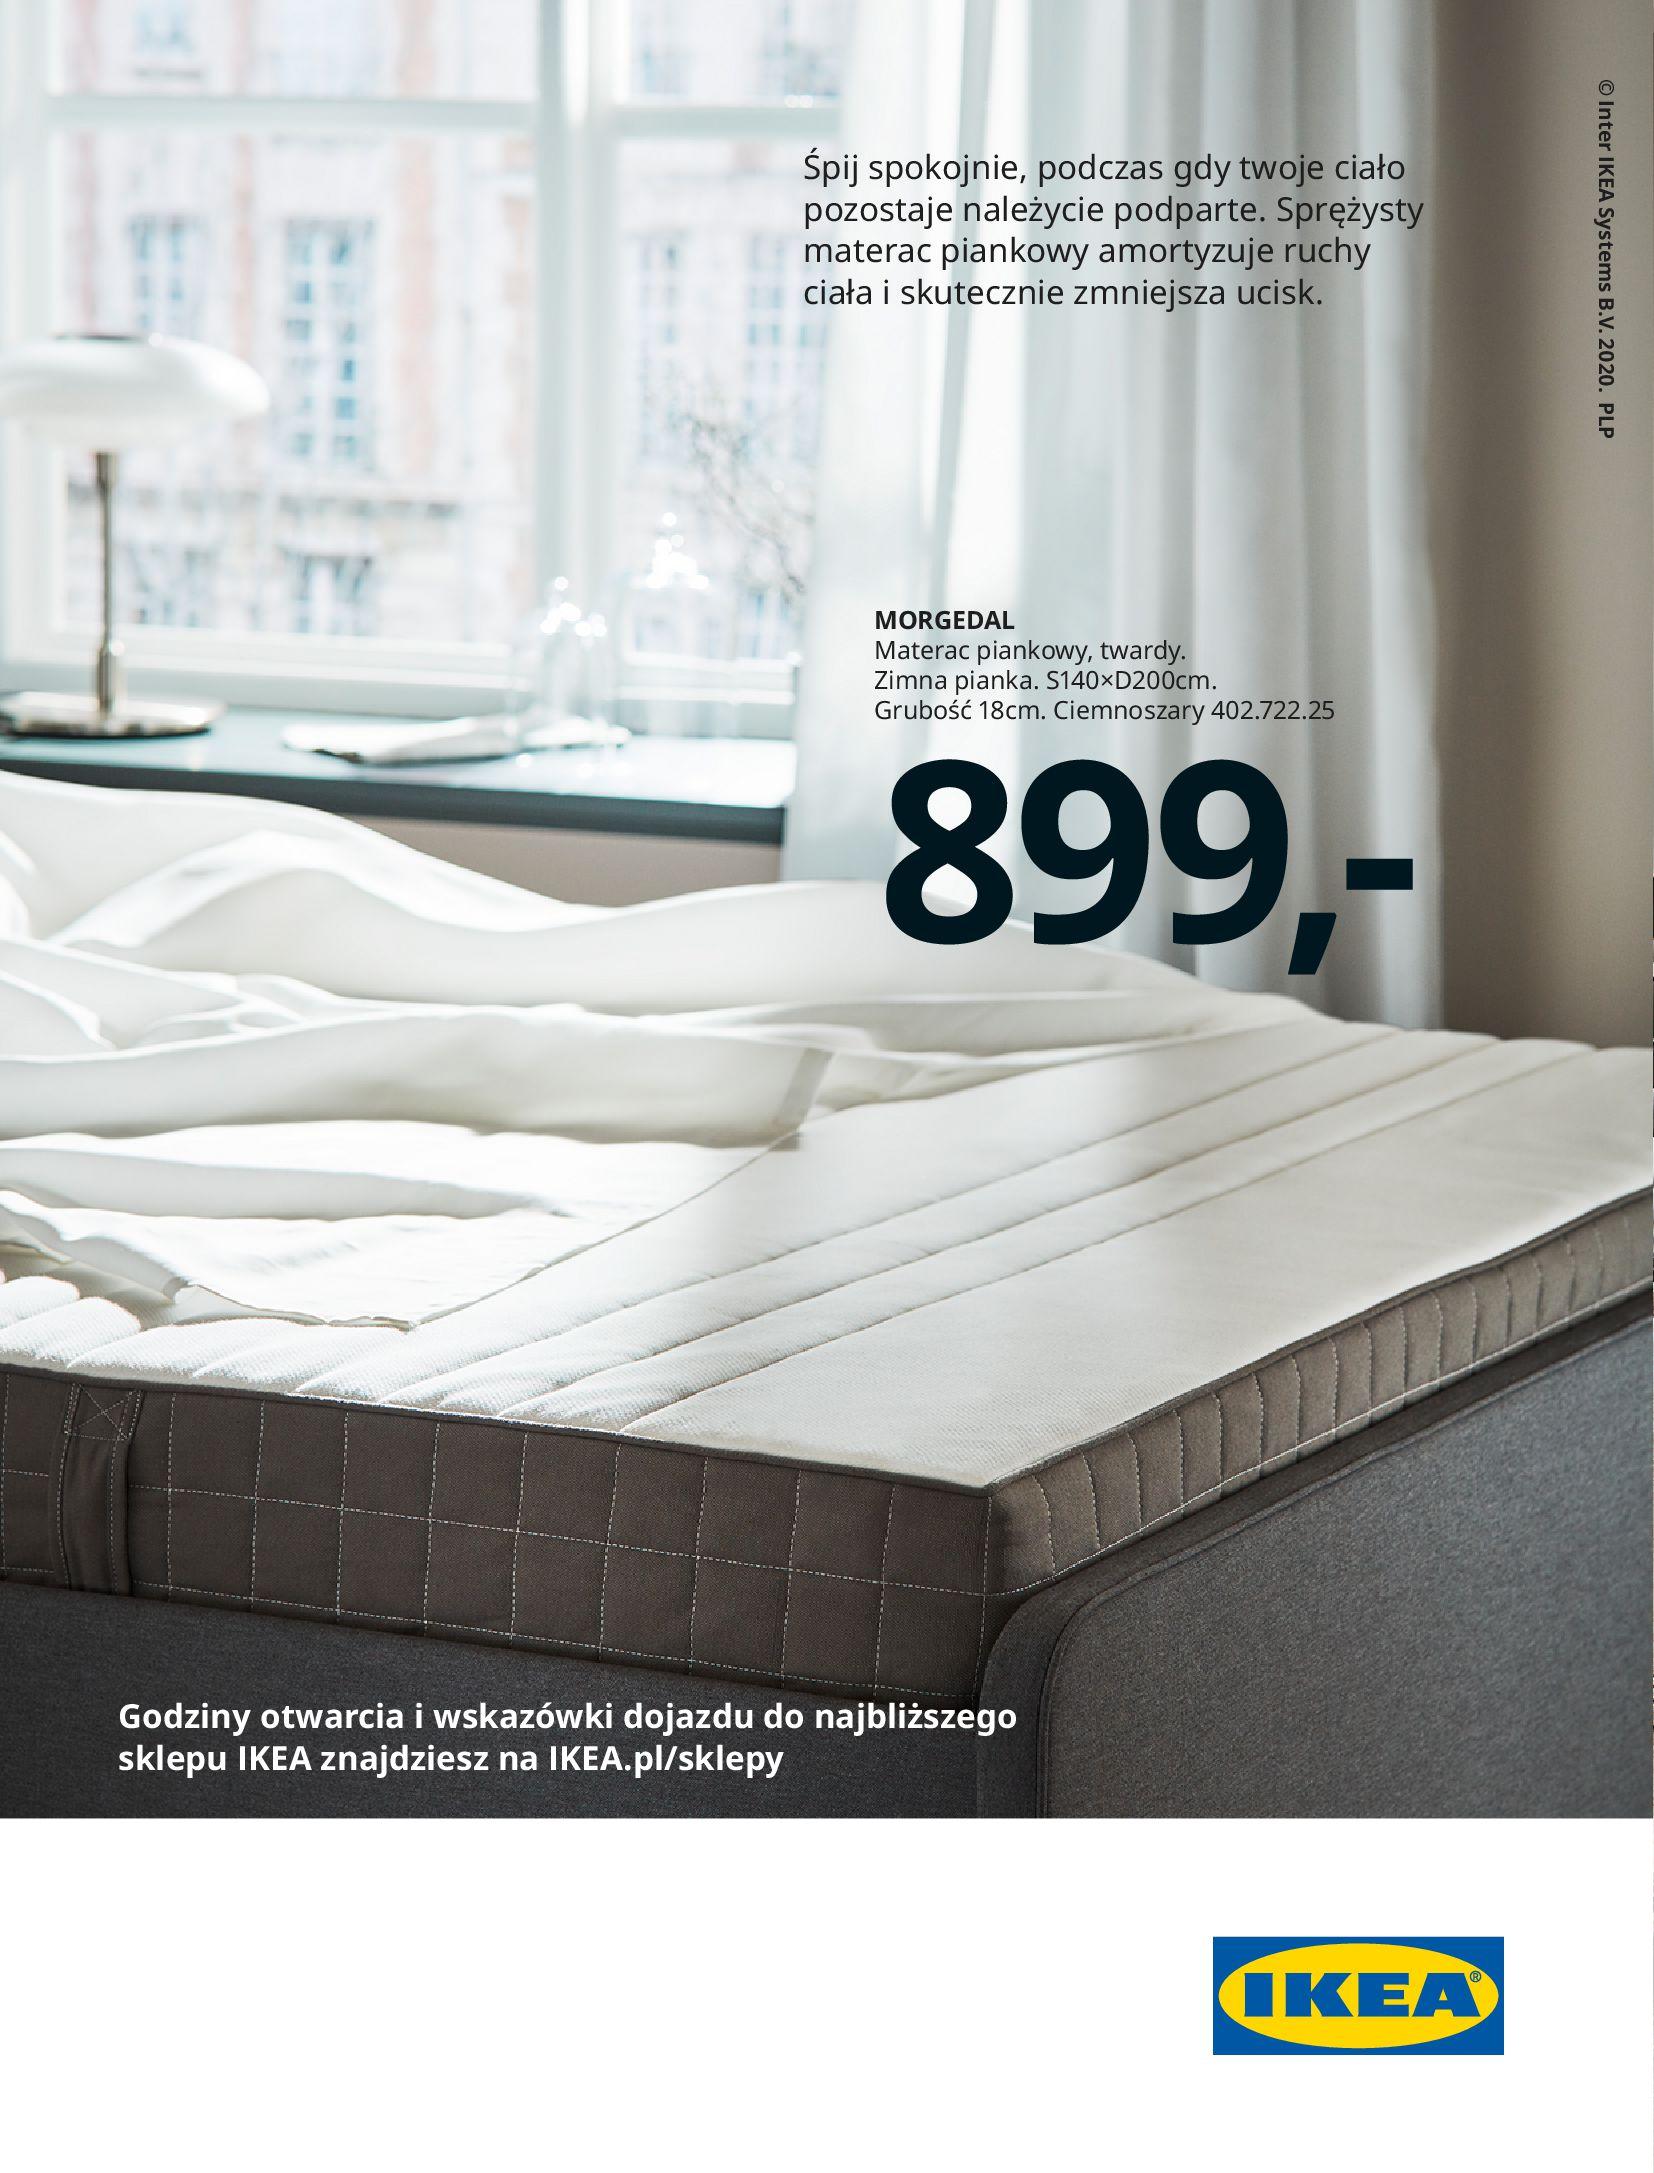 Gazetka IKEA: SYPIALNIA 2021 2021-01-13 page-36